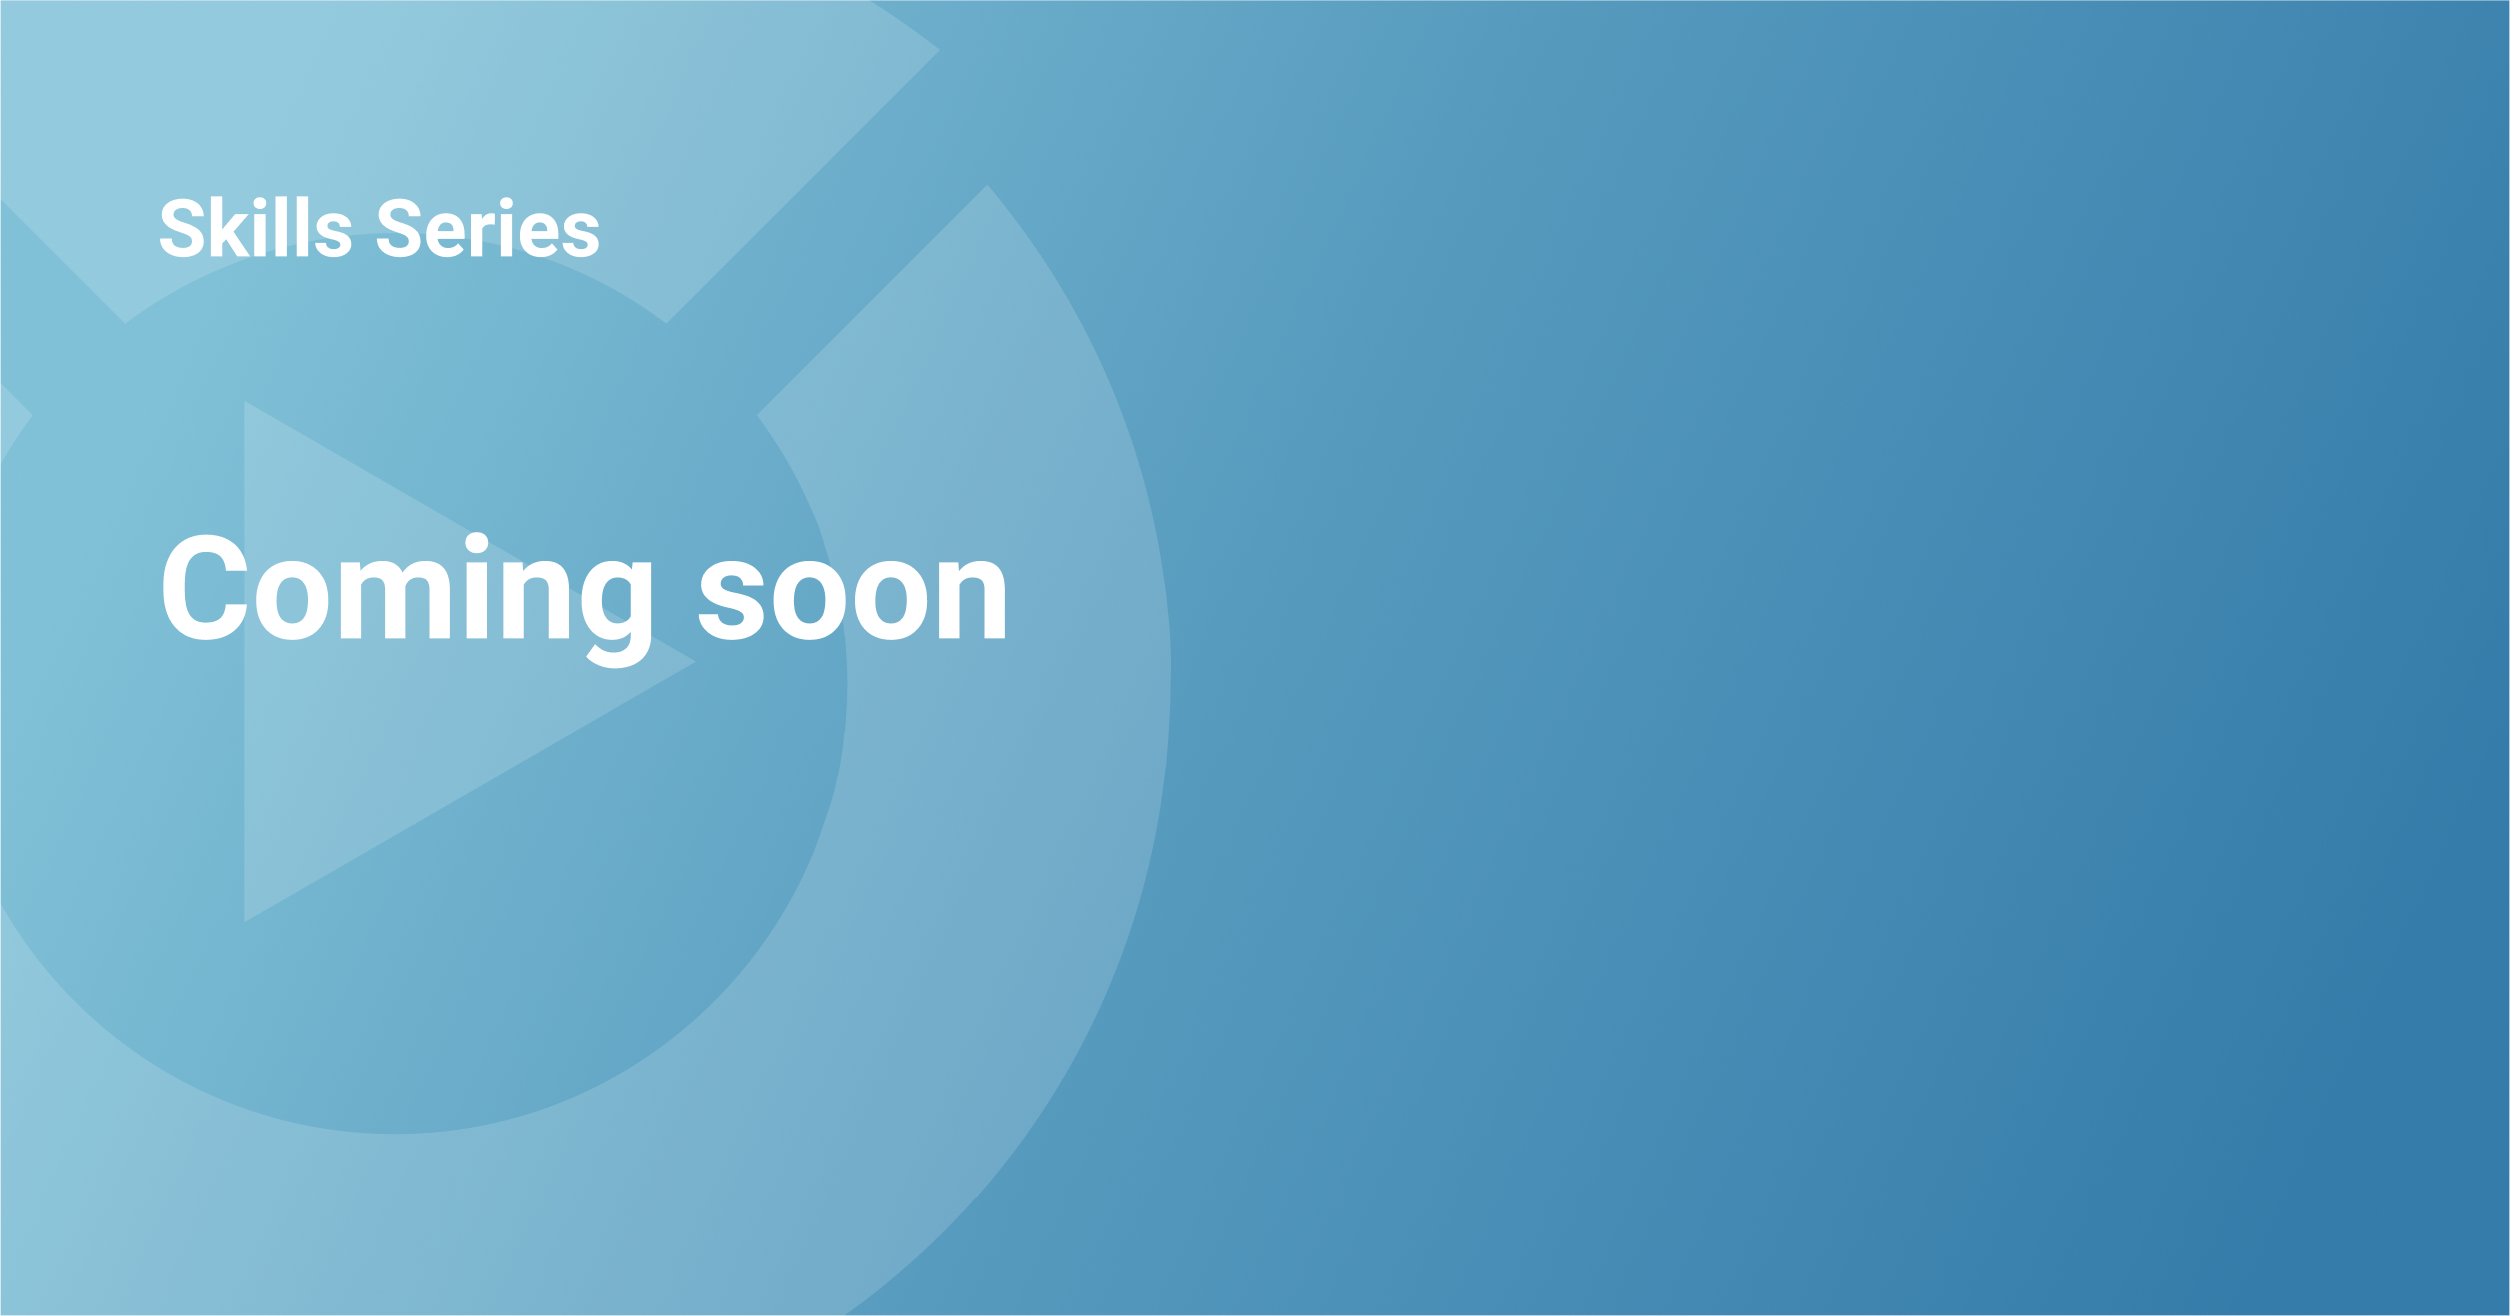 Utility Cloud - Skills Series - Coming Soon